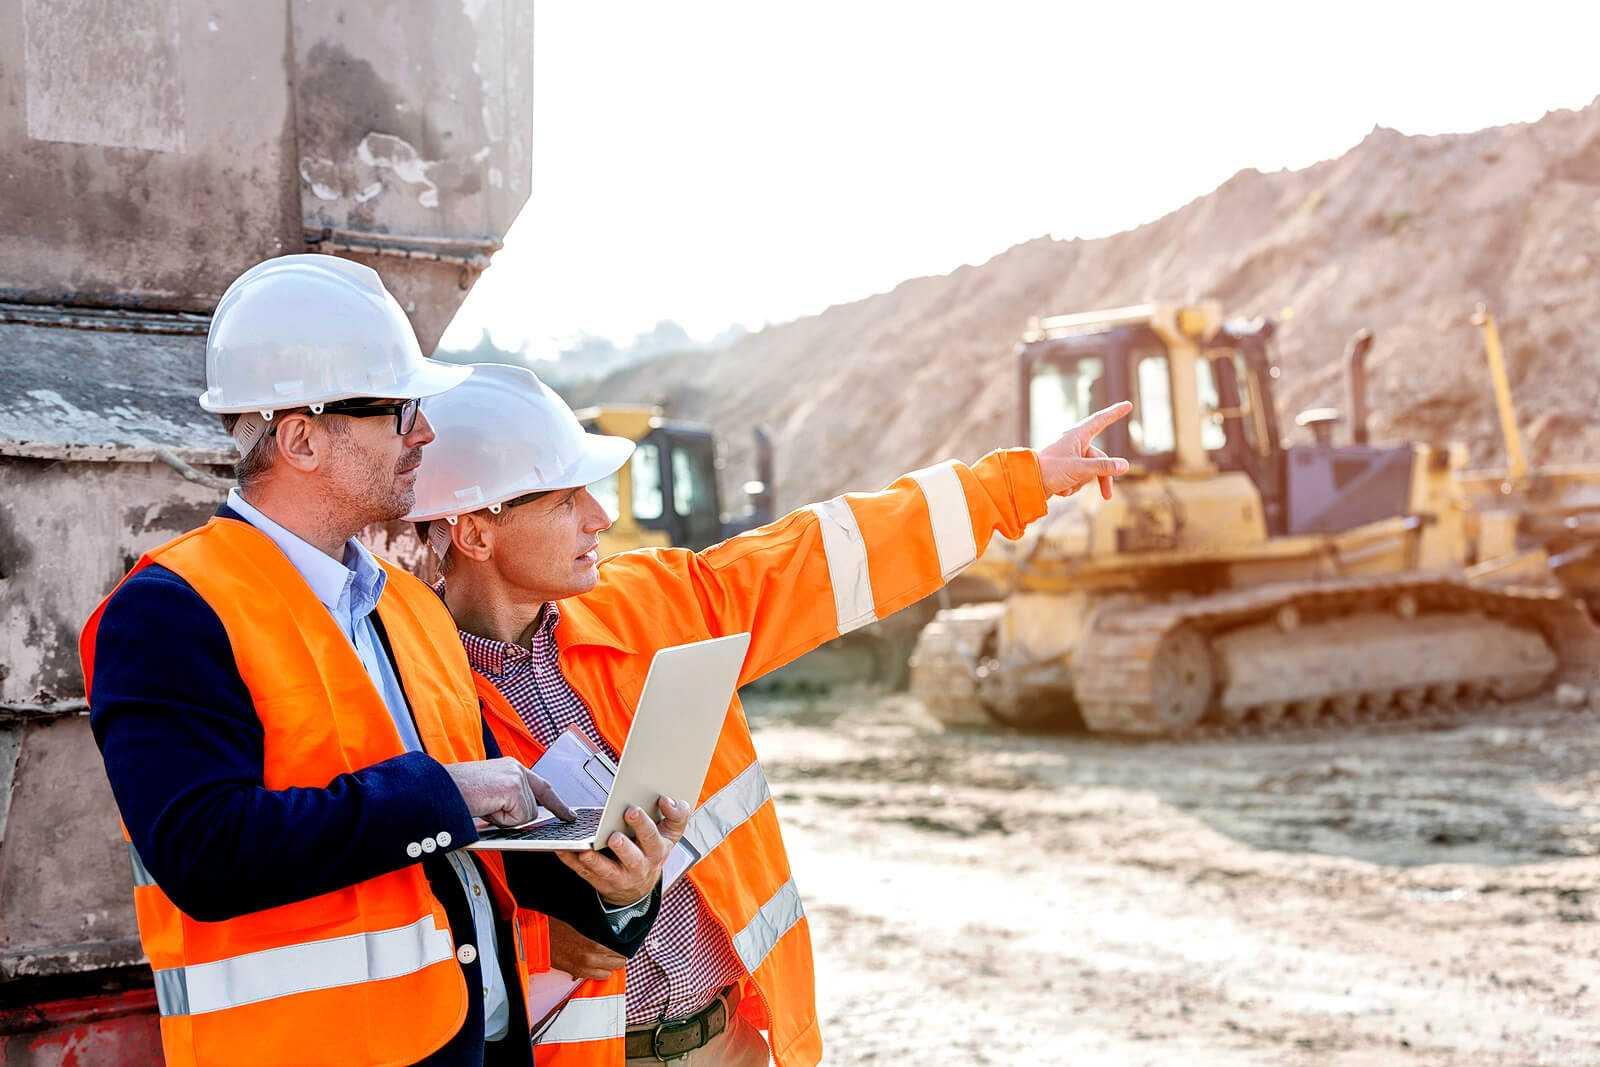 Industria minera representó el 58% de exportaciones peruanas